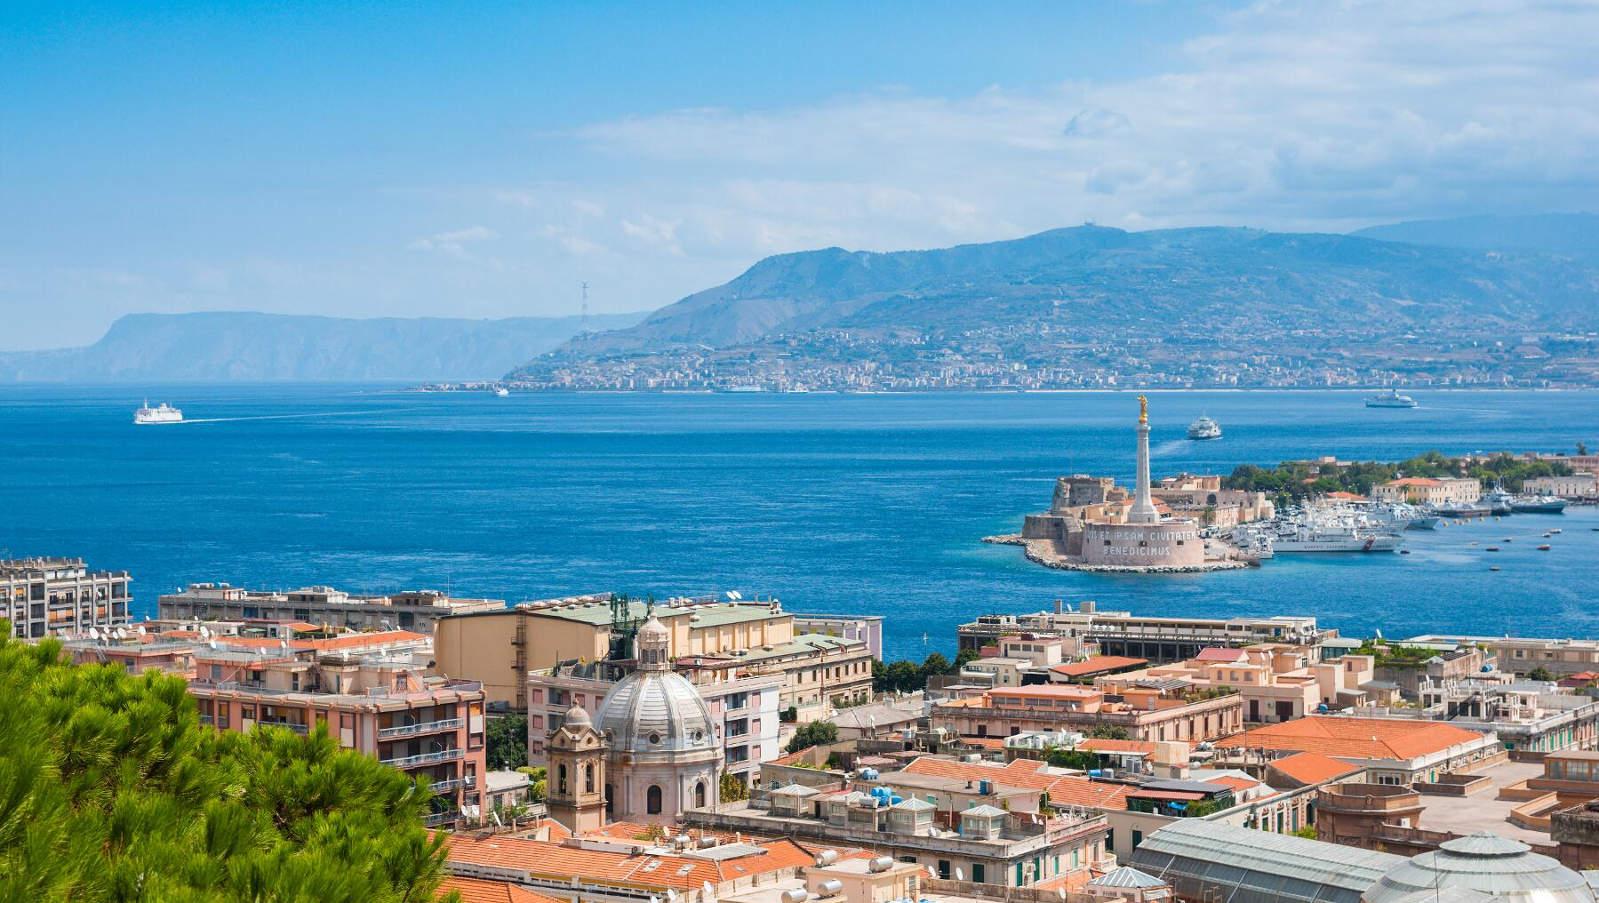 Valutazione Immobili Messina